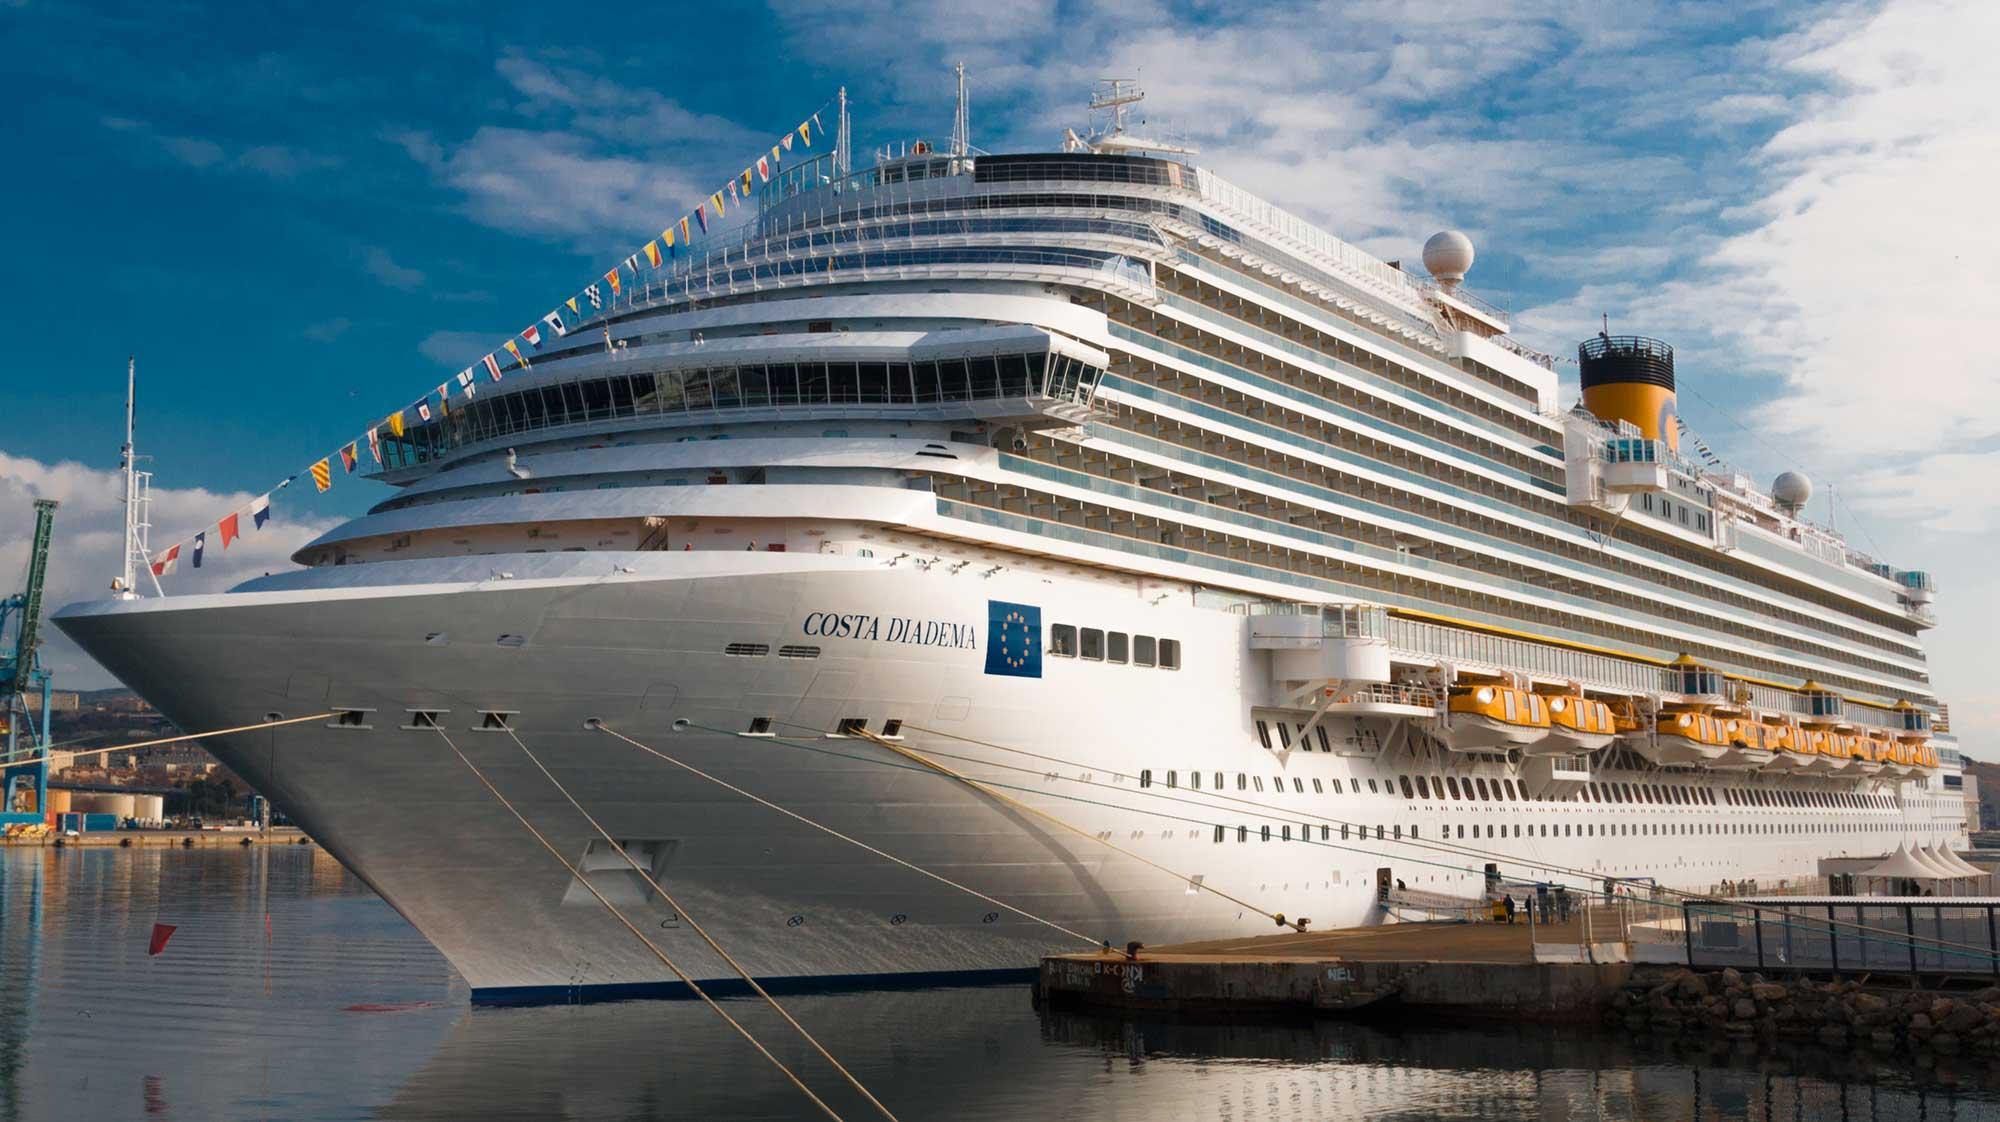 Crucero por el Mediterraneo Costa Diadema portada